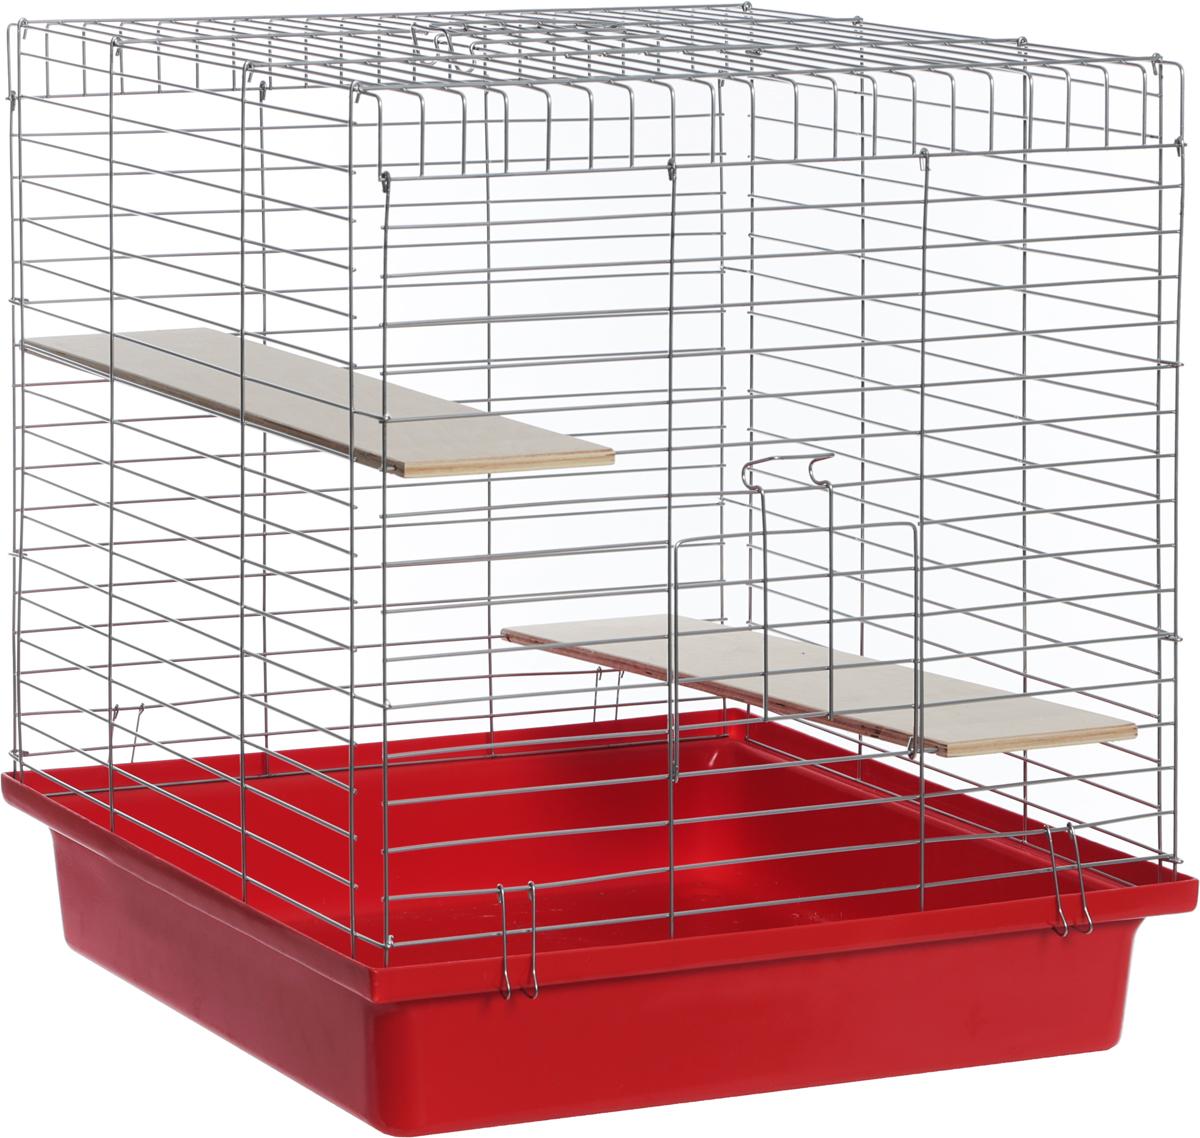 Клетка для шиншилл Велес Lusy Jerry, разборная, цвет: красный, 56 х 50 х 60 см клетка для грызунов велес lusy hamster 2 2 этажная цвет синий бирюзовый 35 х 26 х 26 см